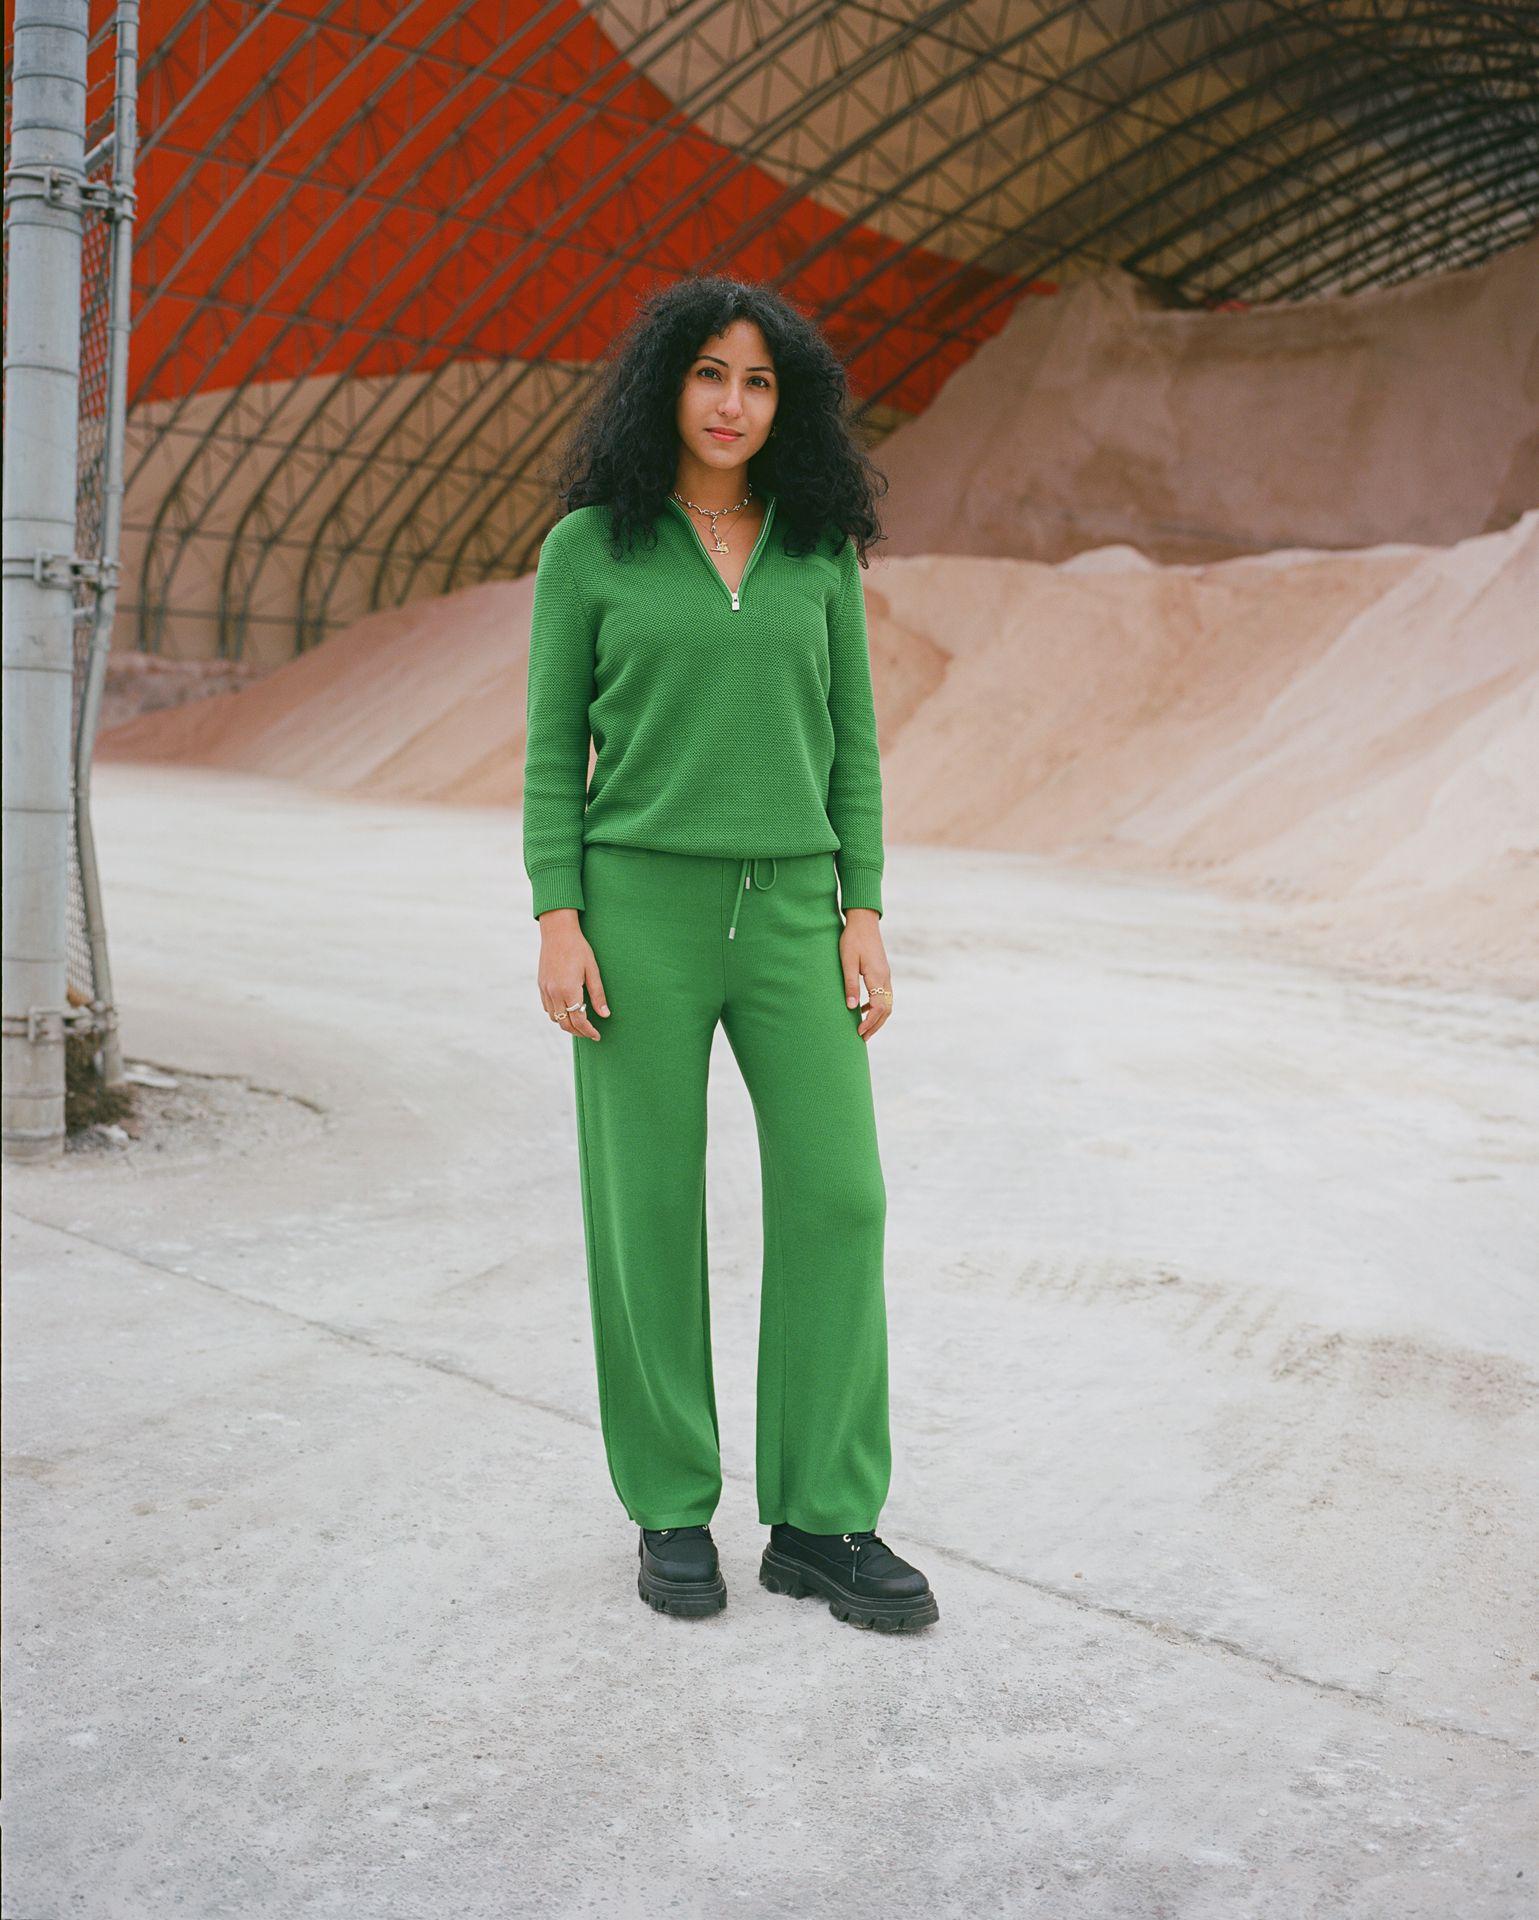 Femme debout extérieur habit vert sable New York